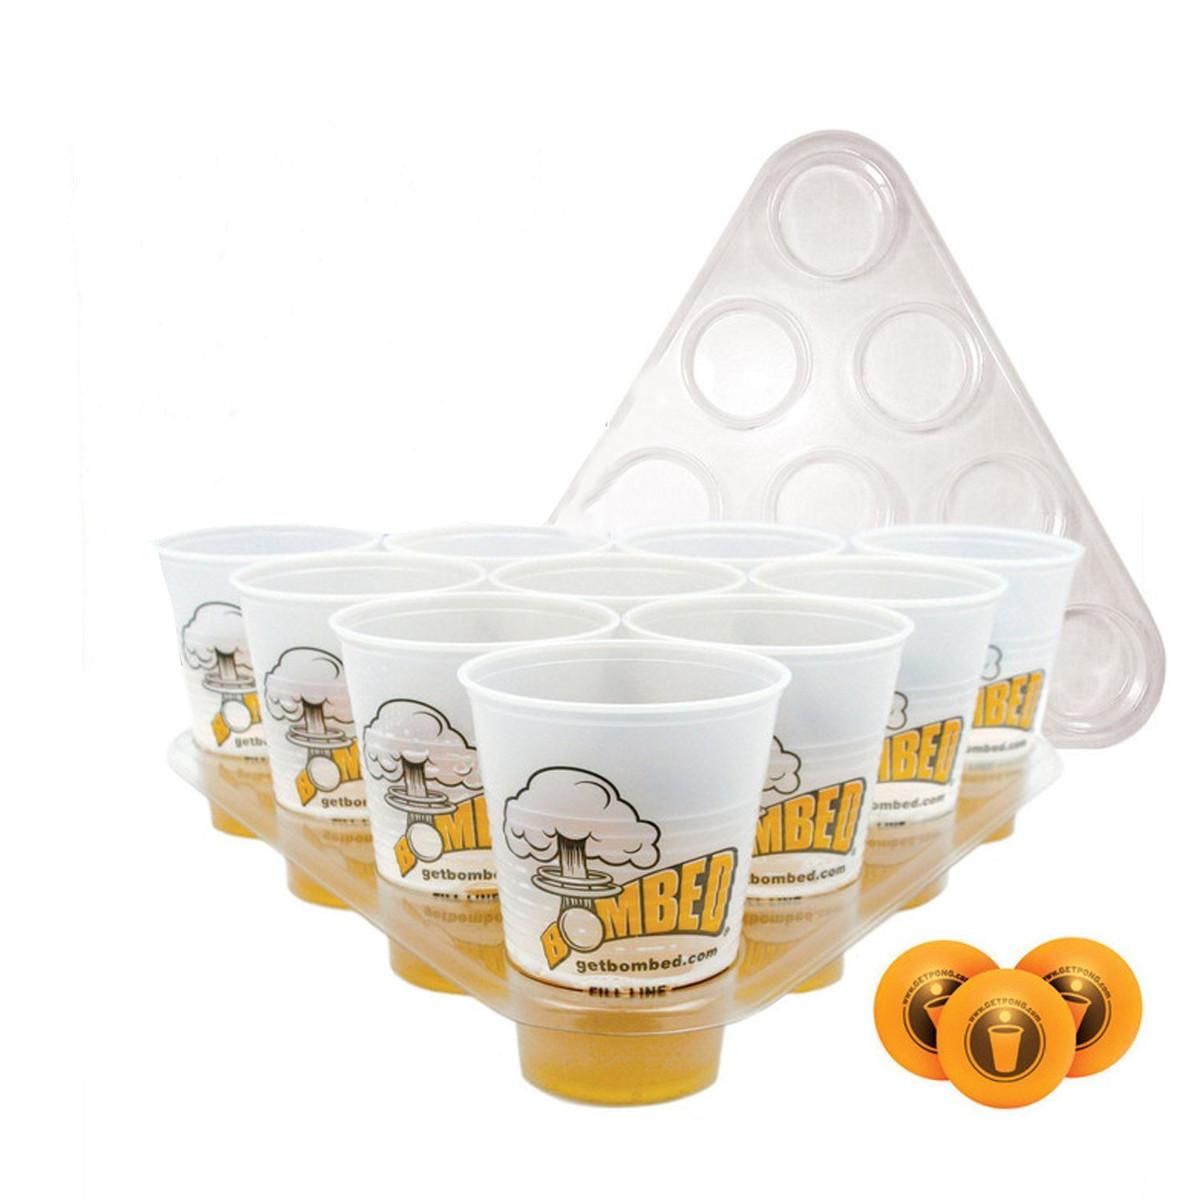 Image of Bier Pong Trinkspiel Spielzeug Satz 20 Cups 3 Bälle 2 Racks Weihnachtsfest Pub BBQ Geschenk